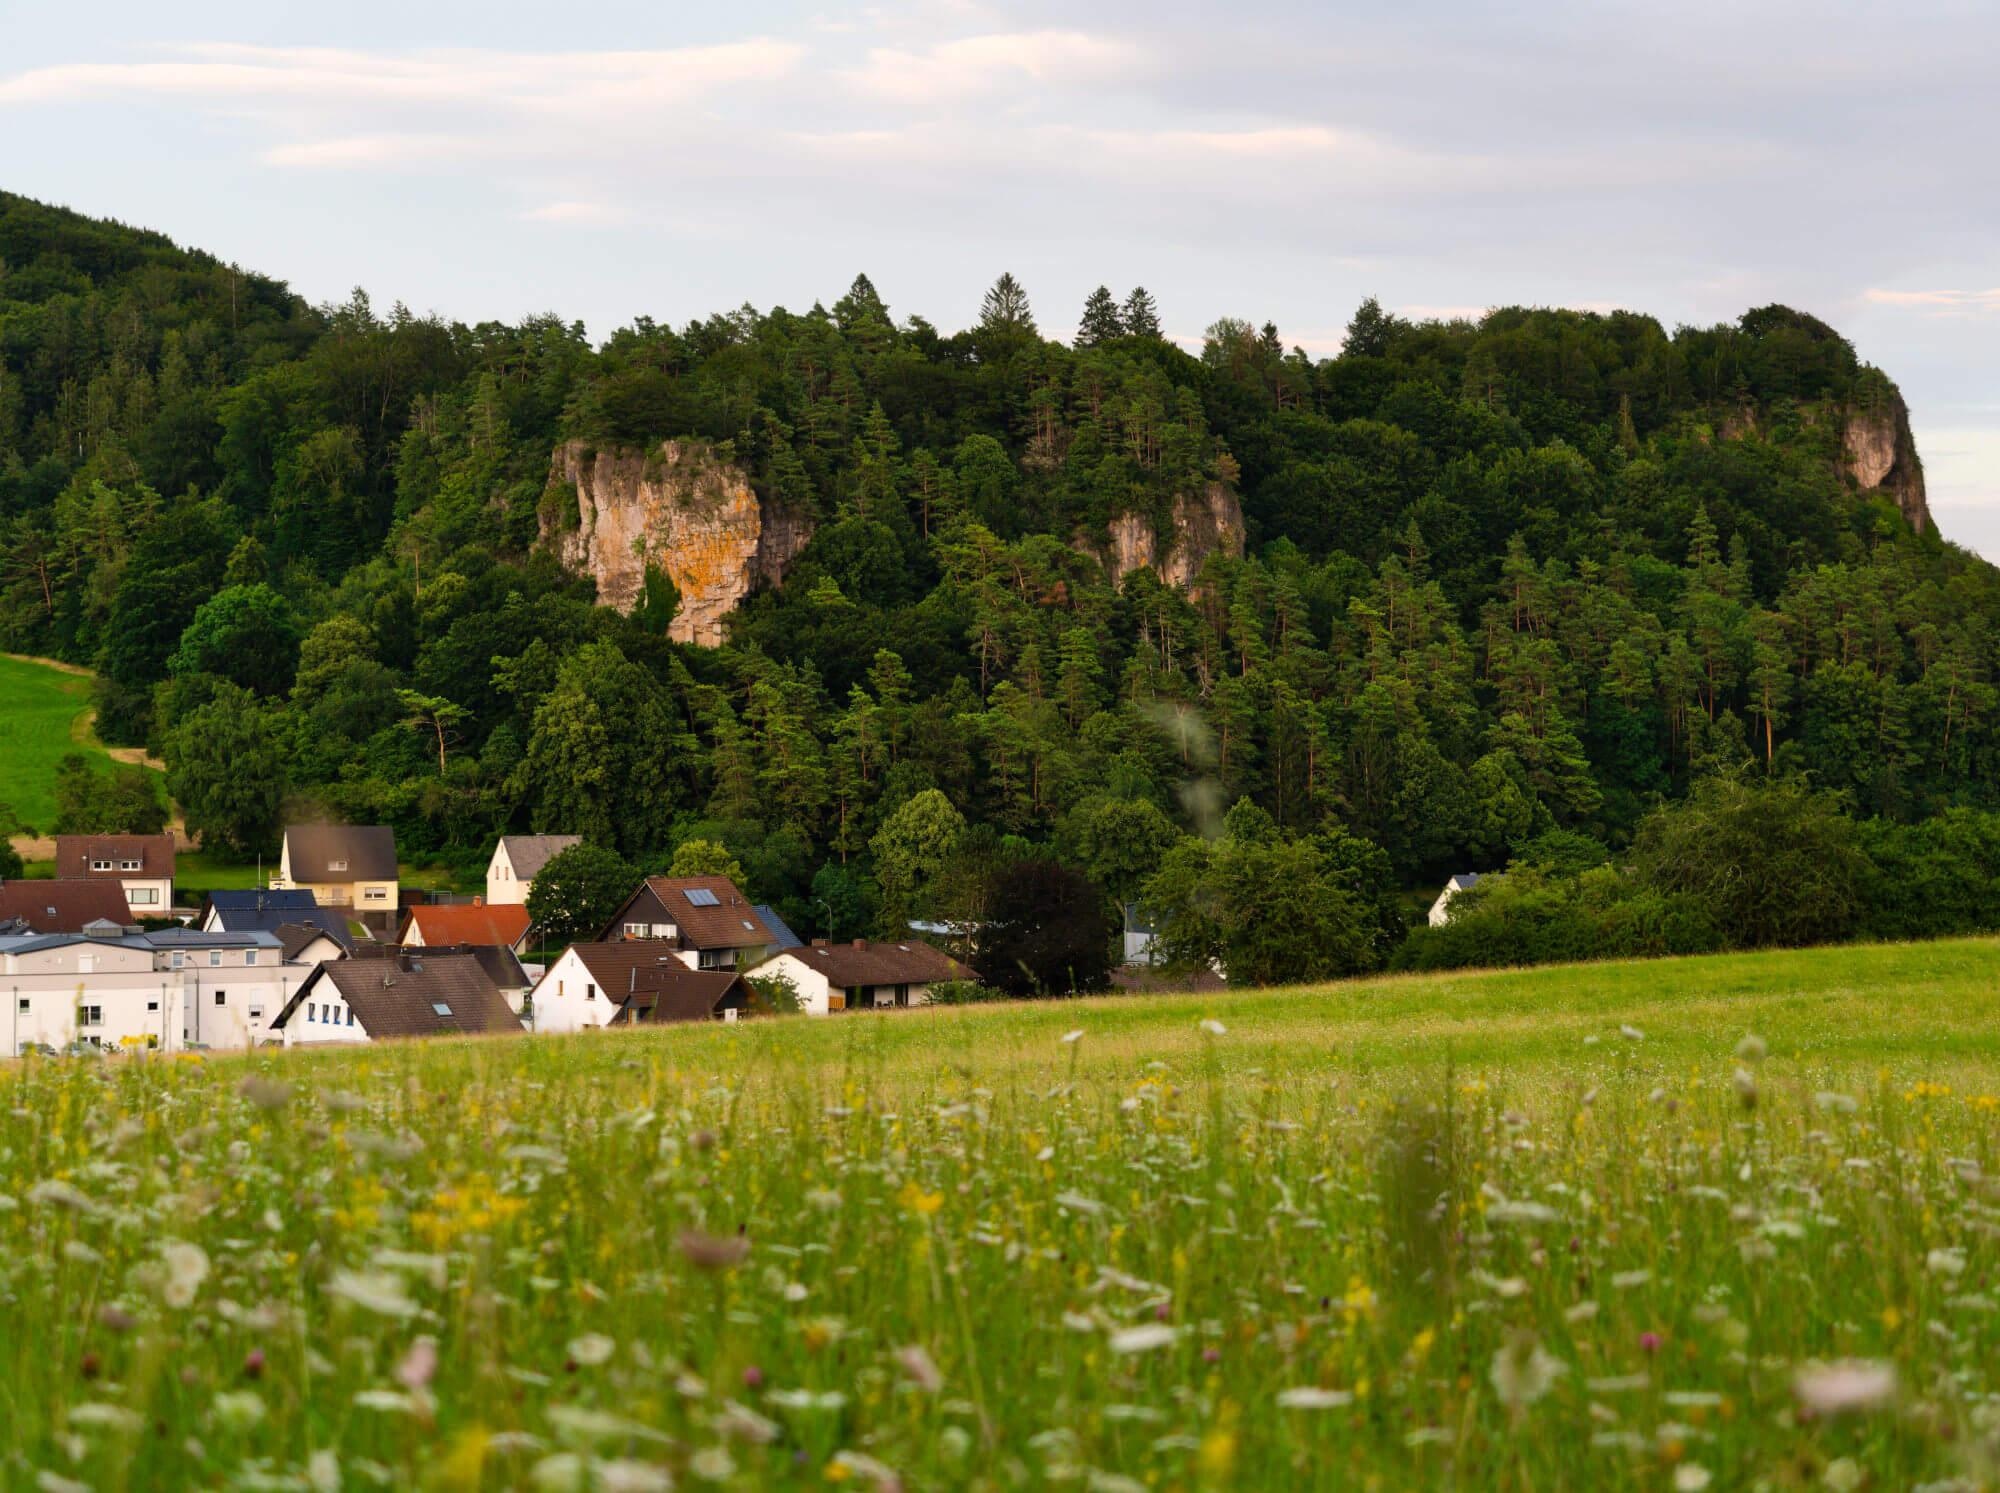 Uitzicht camping Felsenhof Gerolstein Duitsland